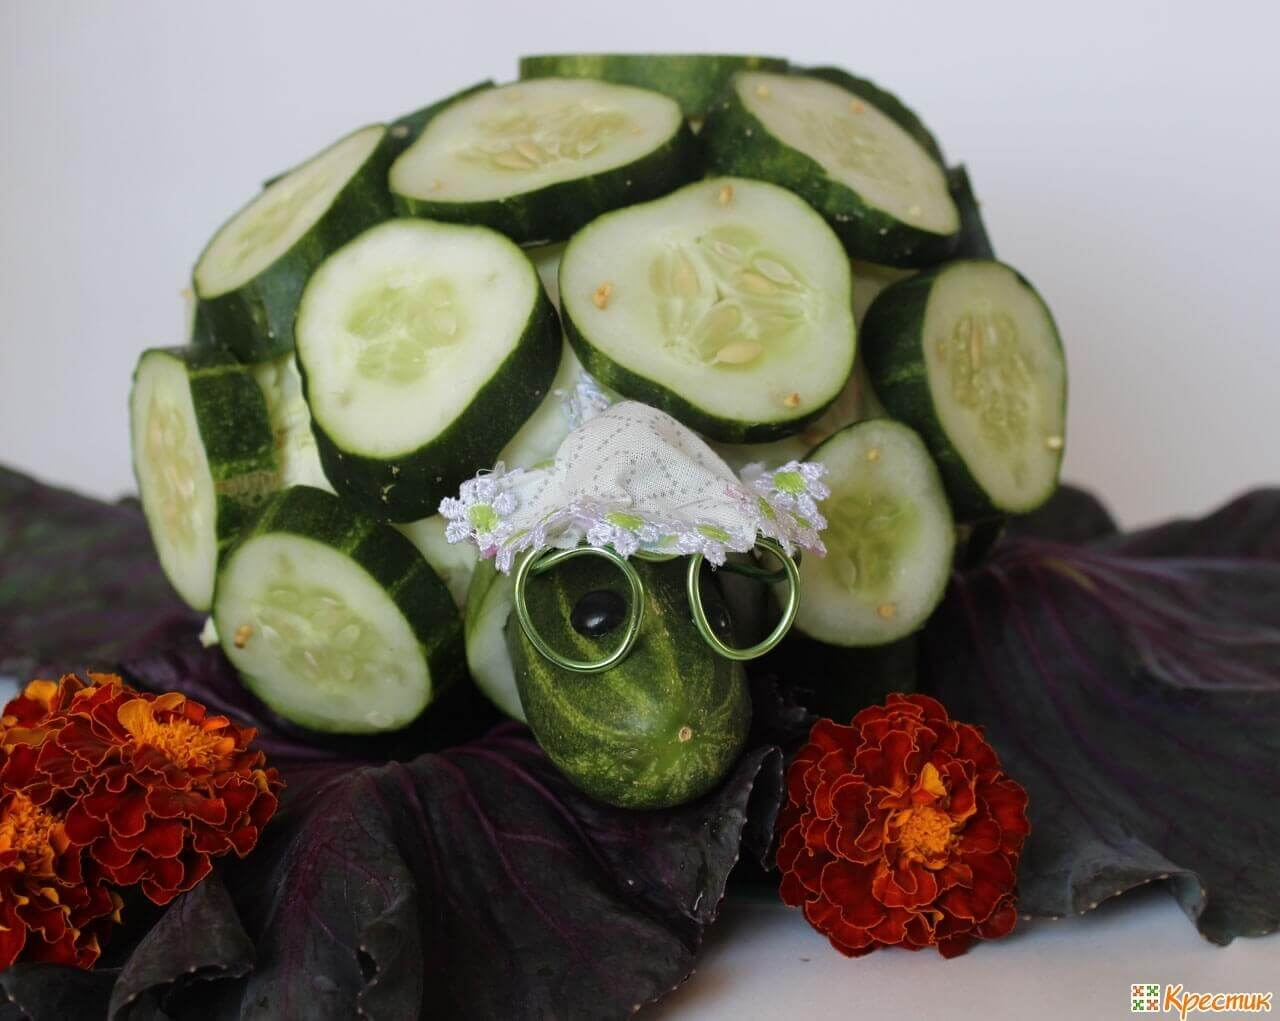 сочными делаем из овощей картинки ребят получилась веселая